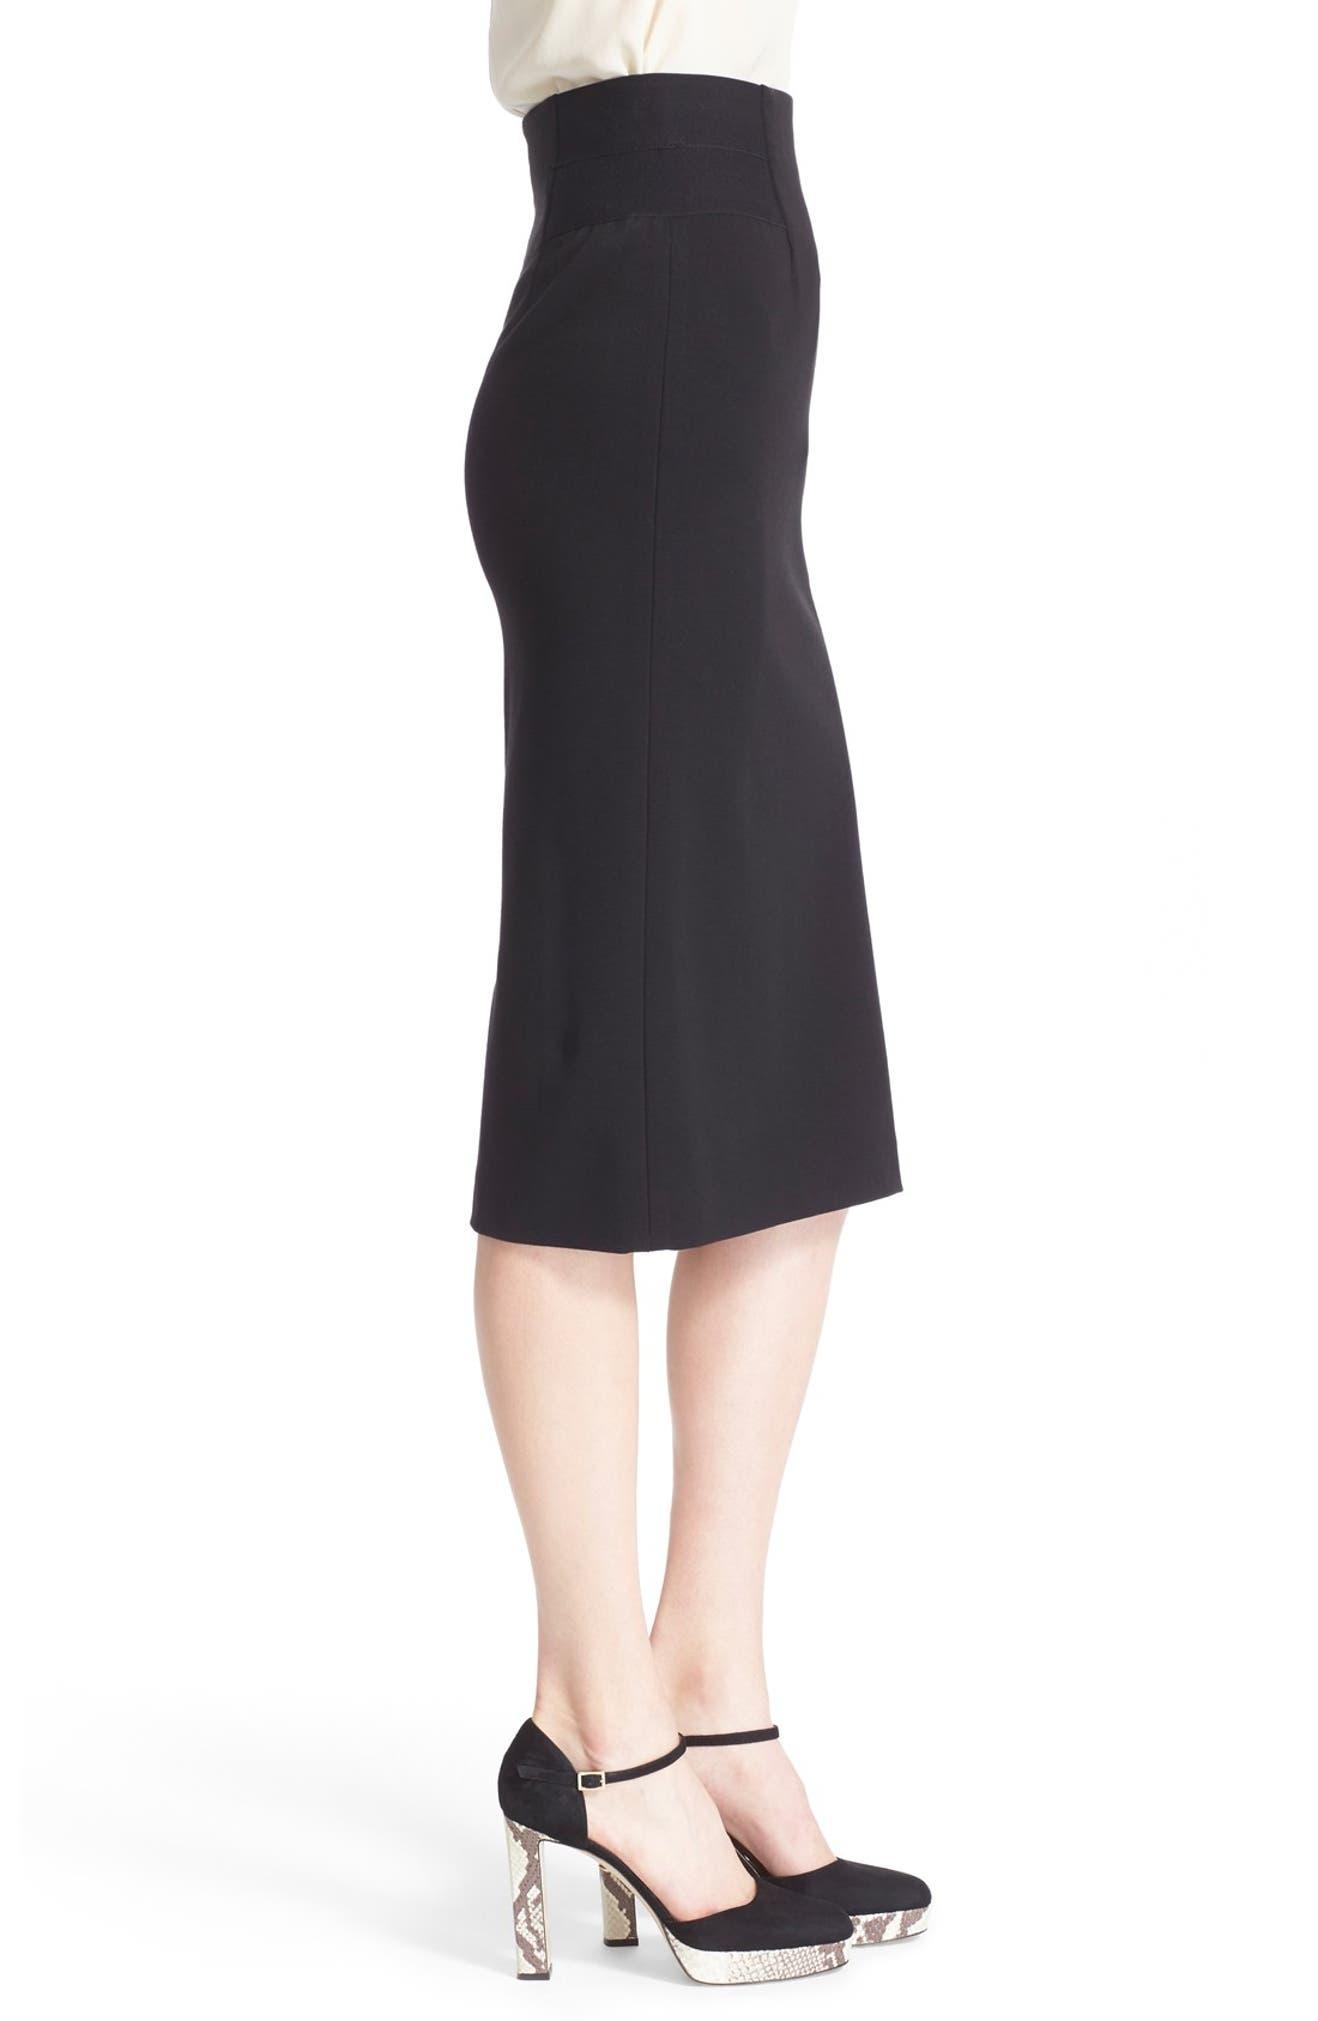 b8b086d547 Diane von Furstenberg 'Geri' Knit Pencil Skirt | Nordstrom